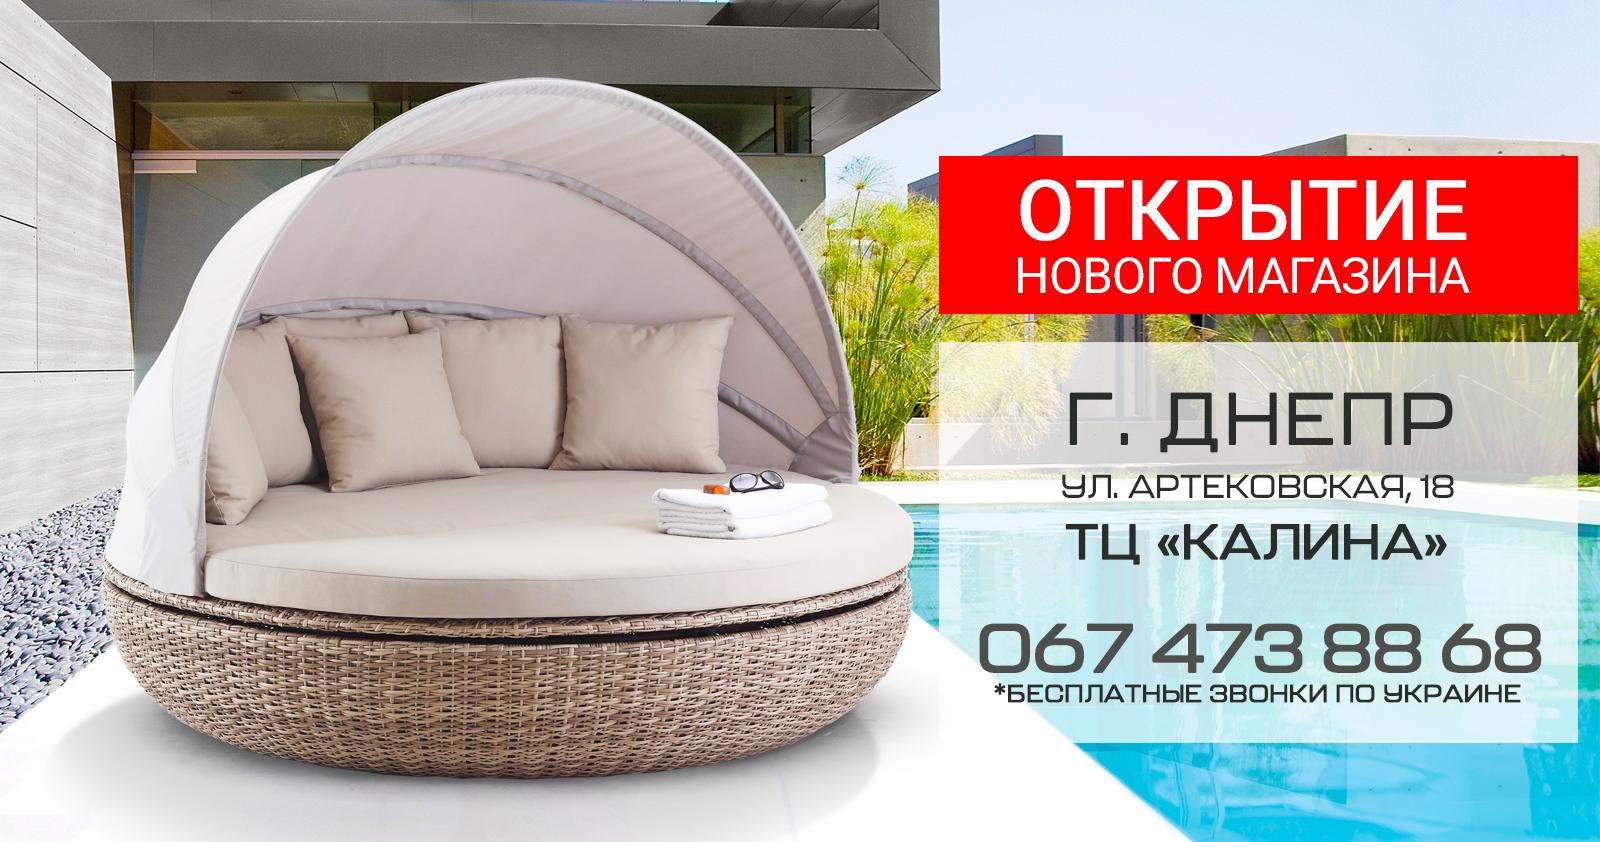 Открытие нового магазина в Днепре | Kolibry Luxury Outdoor